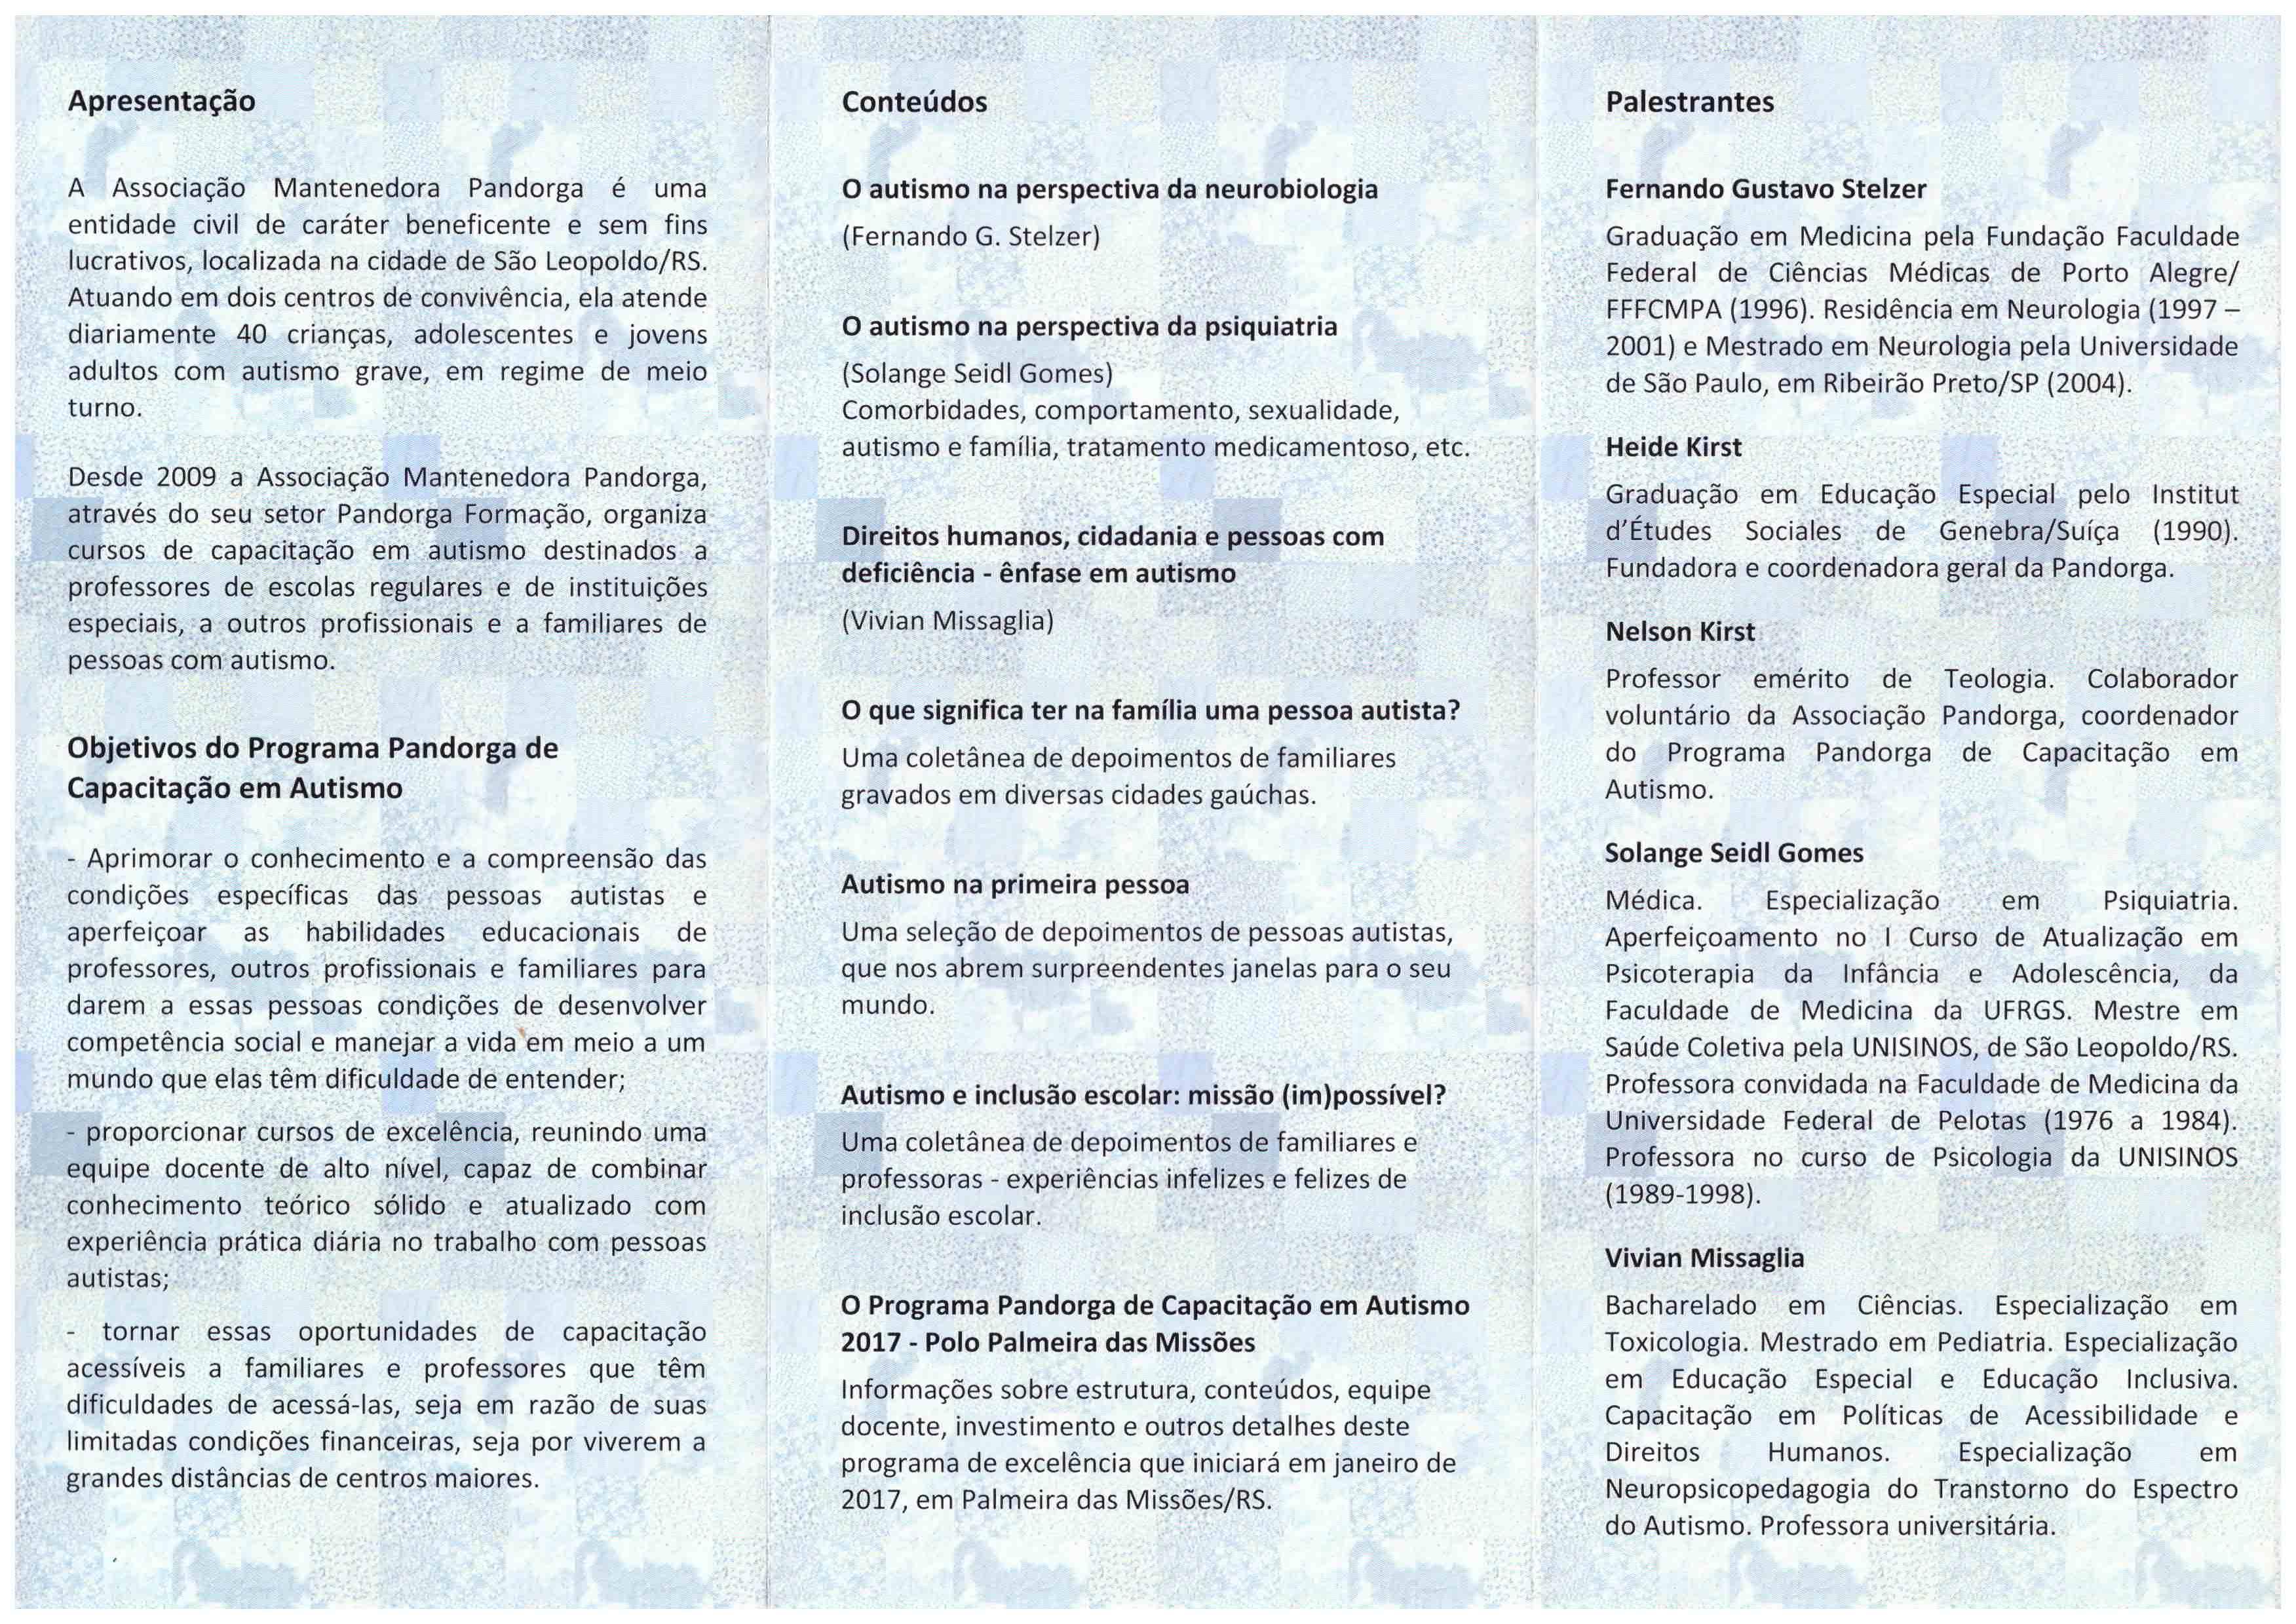 Program_Pandorga_de_Capacitação_em_Autismo_-_2016-1.jpg